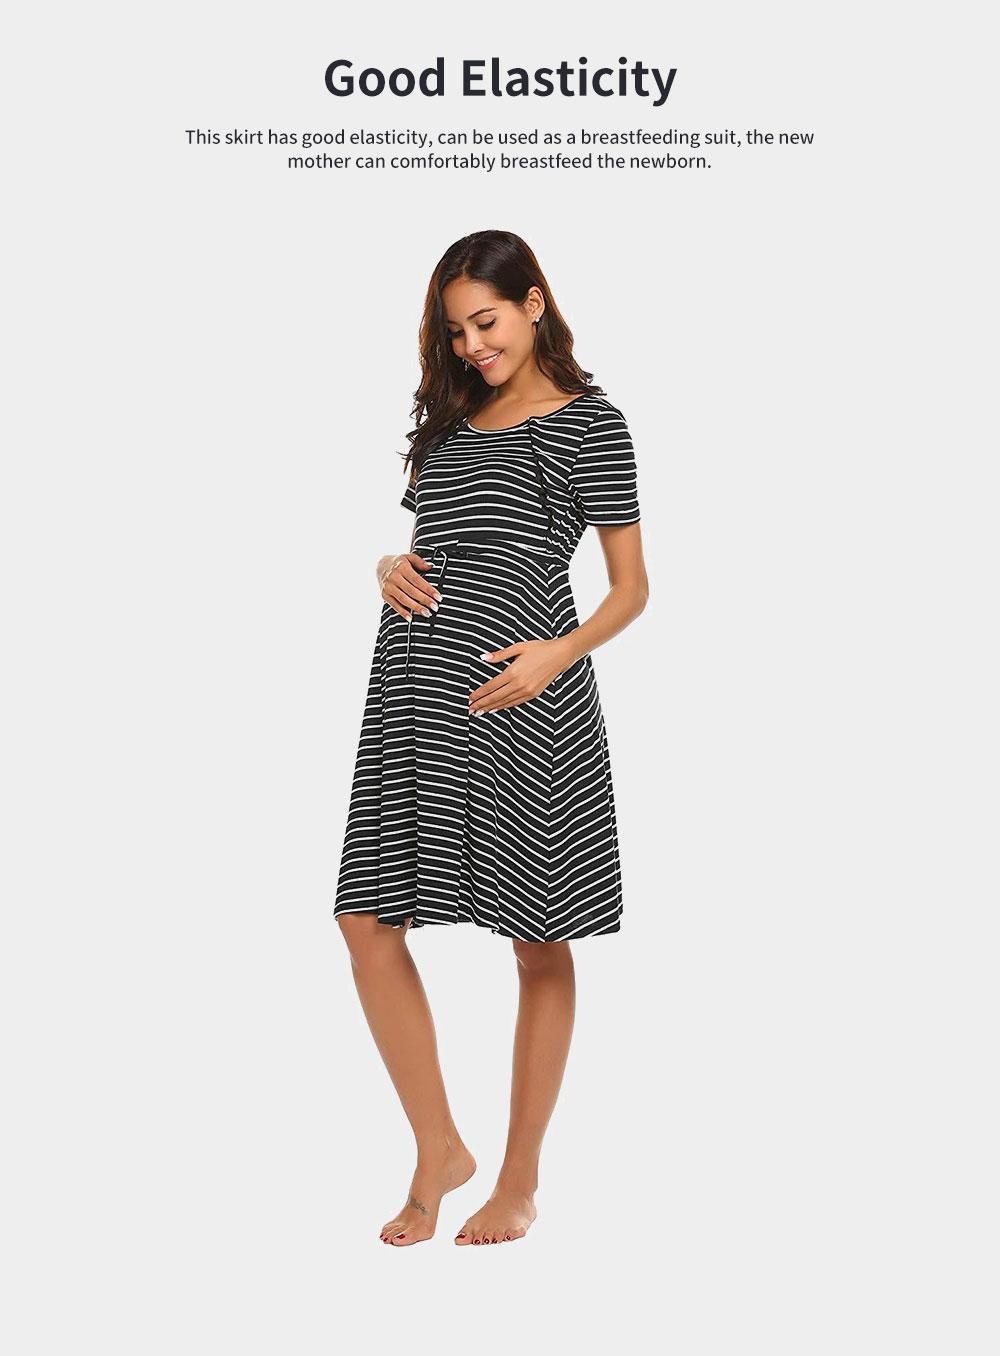 Fashionable Striped Skirt for Pregnant Women Short Sleeves Dress for Breast-feeding 2